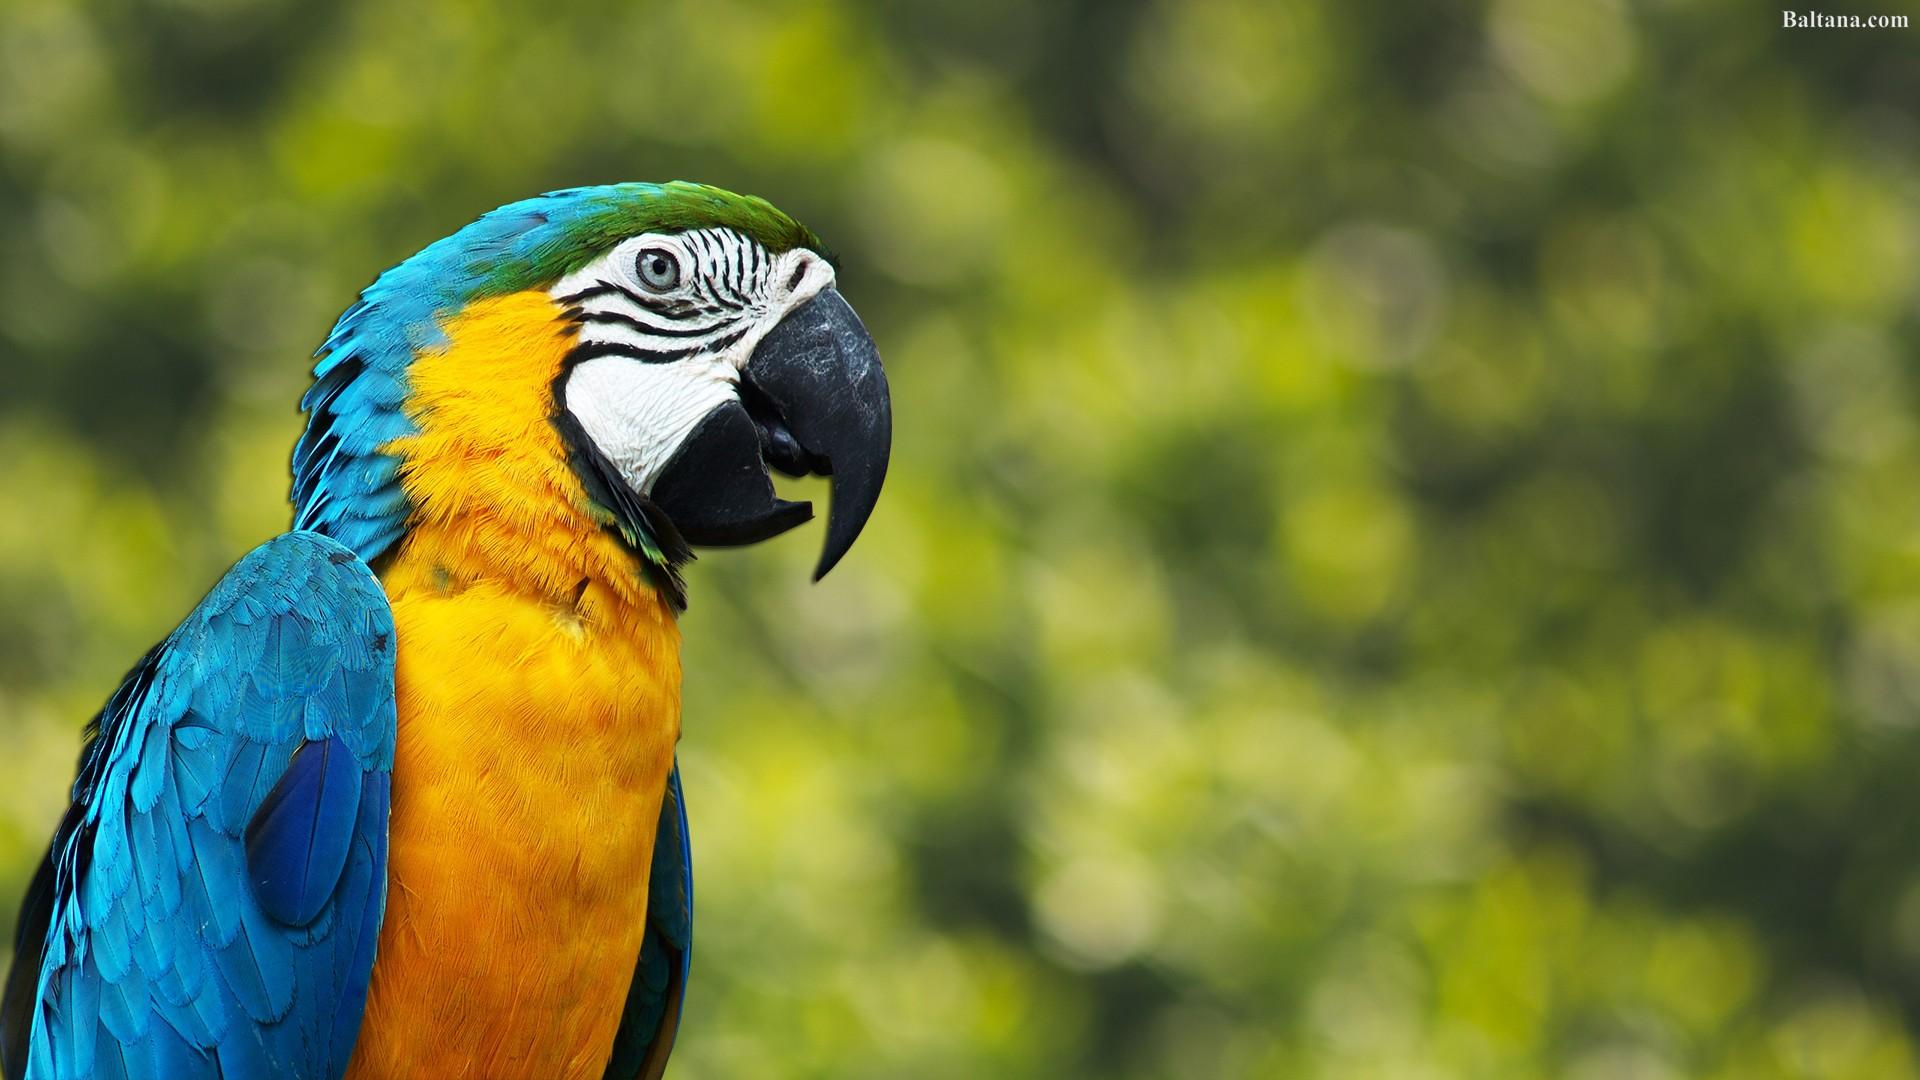 Parrot Background Wallpaper 31666   Baltana 1920x1080